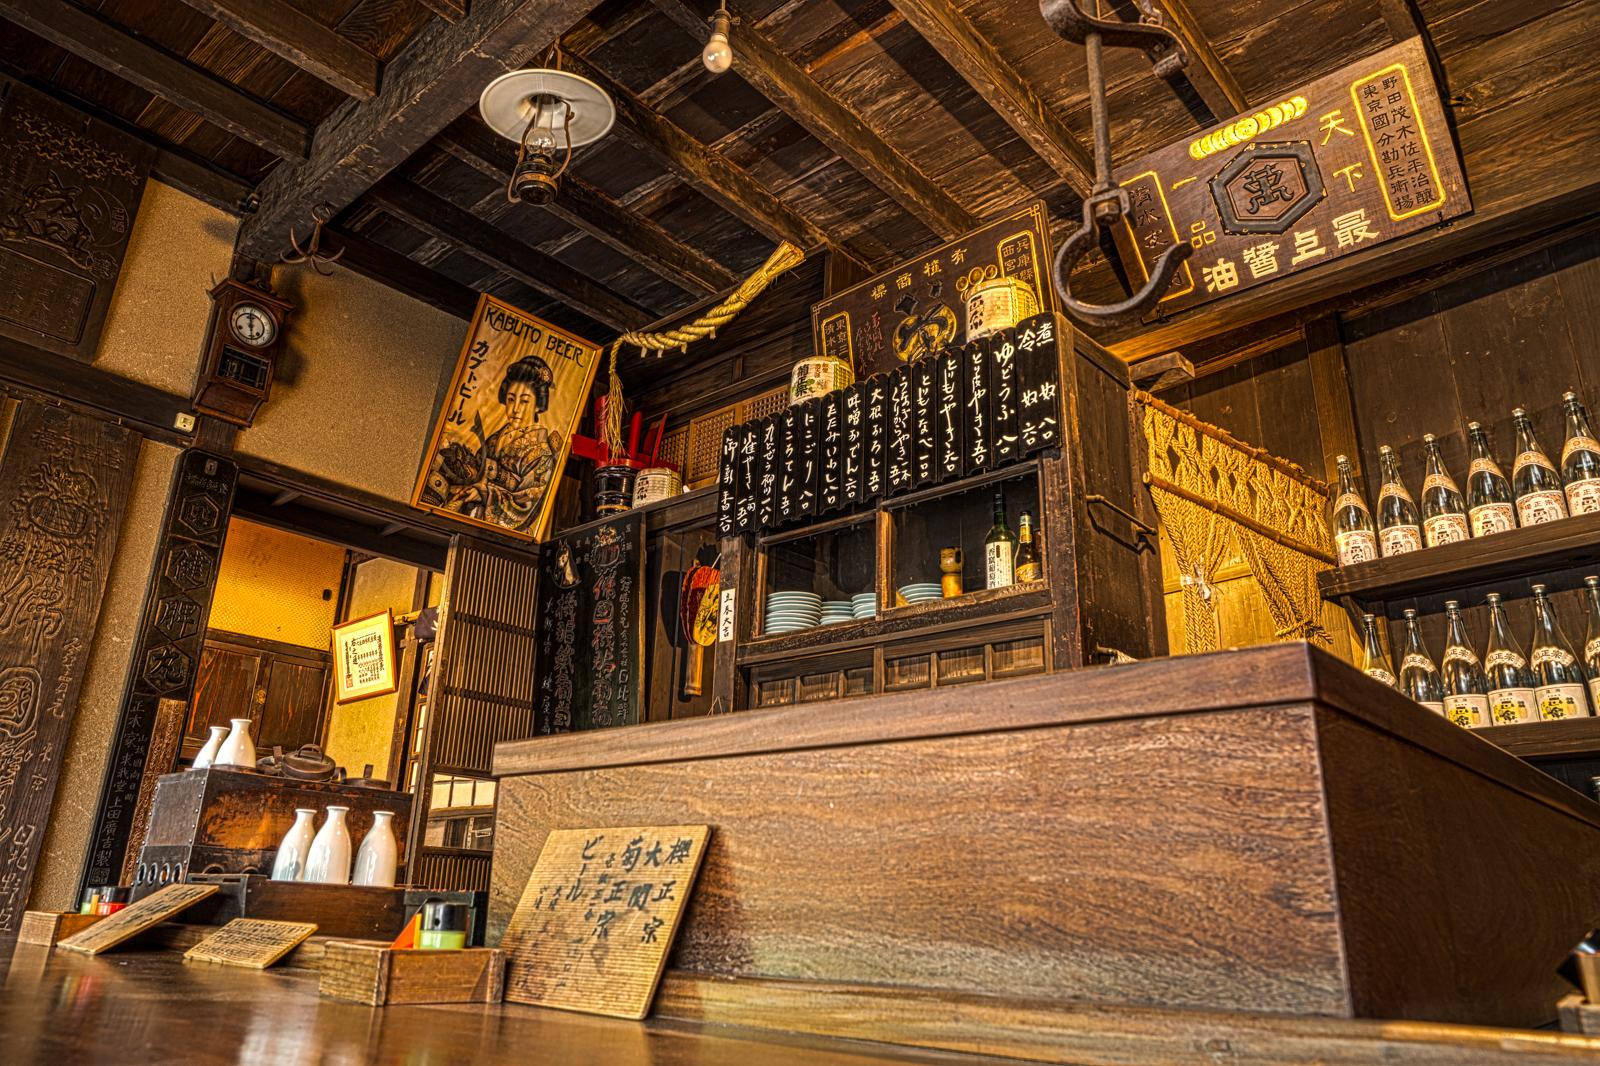 江戸東京たてもの園、鍵屋(居酒屋)店内のカウンター席から撮影したHDR写真